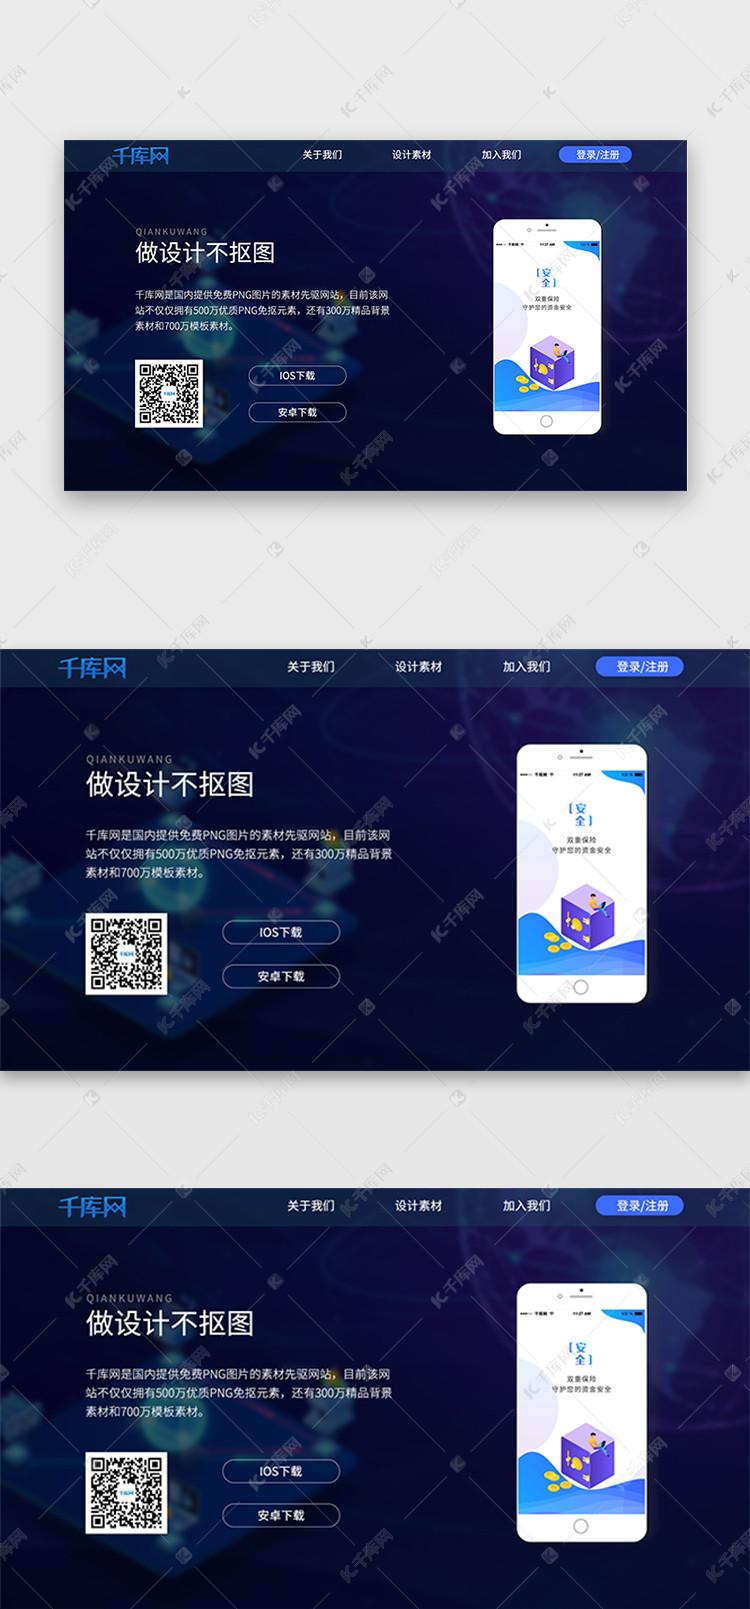 官方网站软件app下载二维码详情页ui界面设计小型产品3dv软件(健身器材)图片